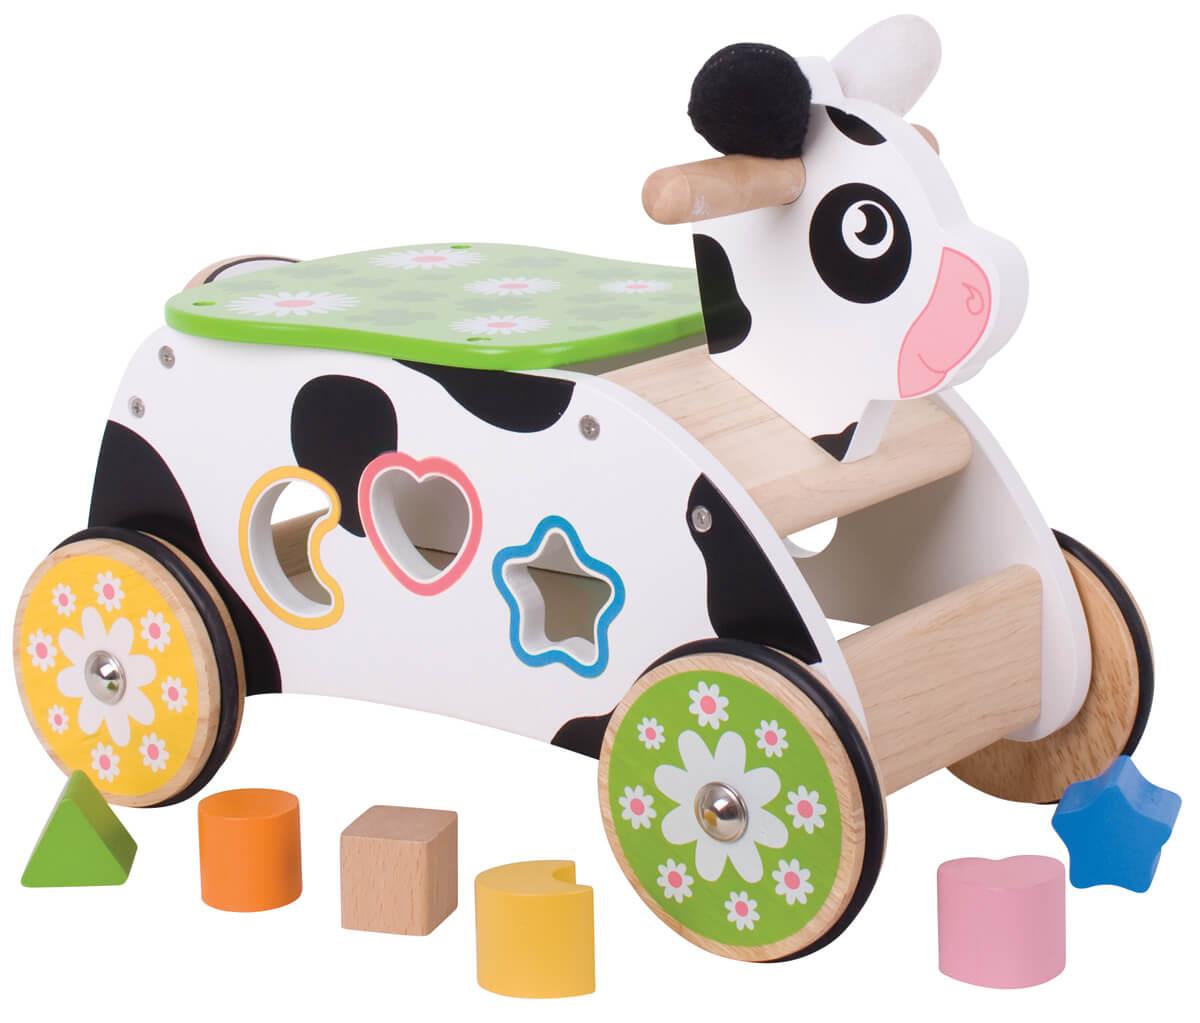 sorter-krowka-bigjigs-drewniane-zabawki